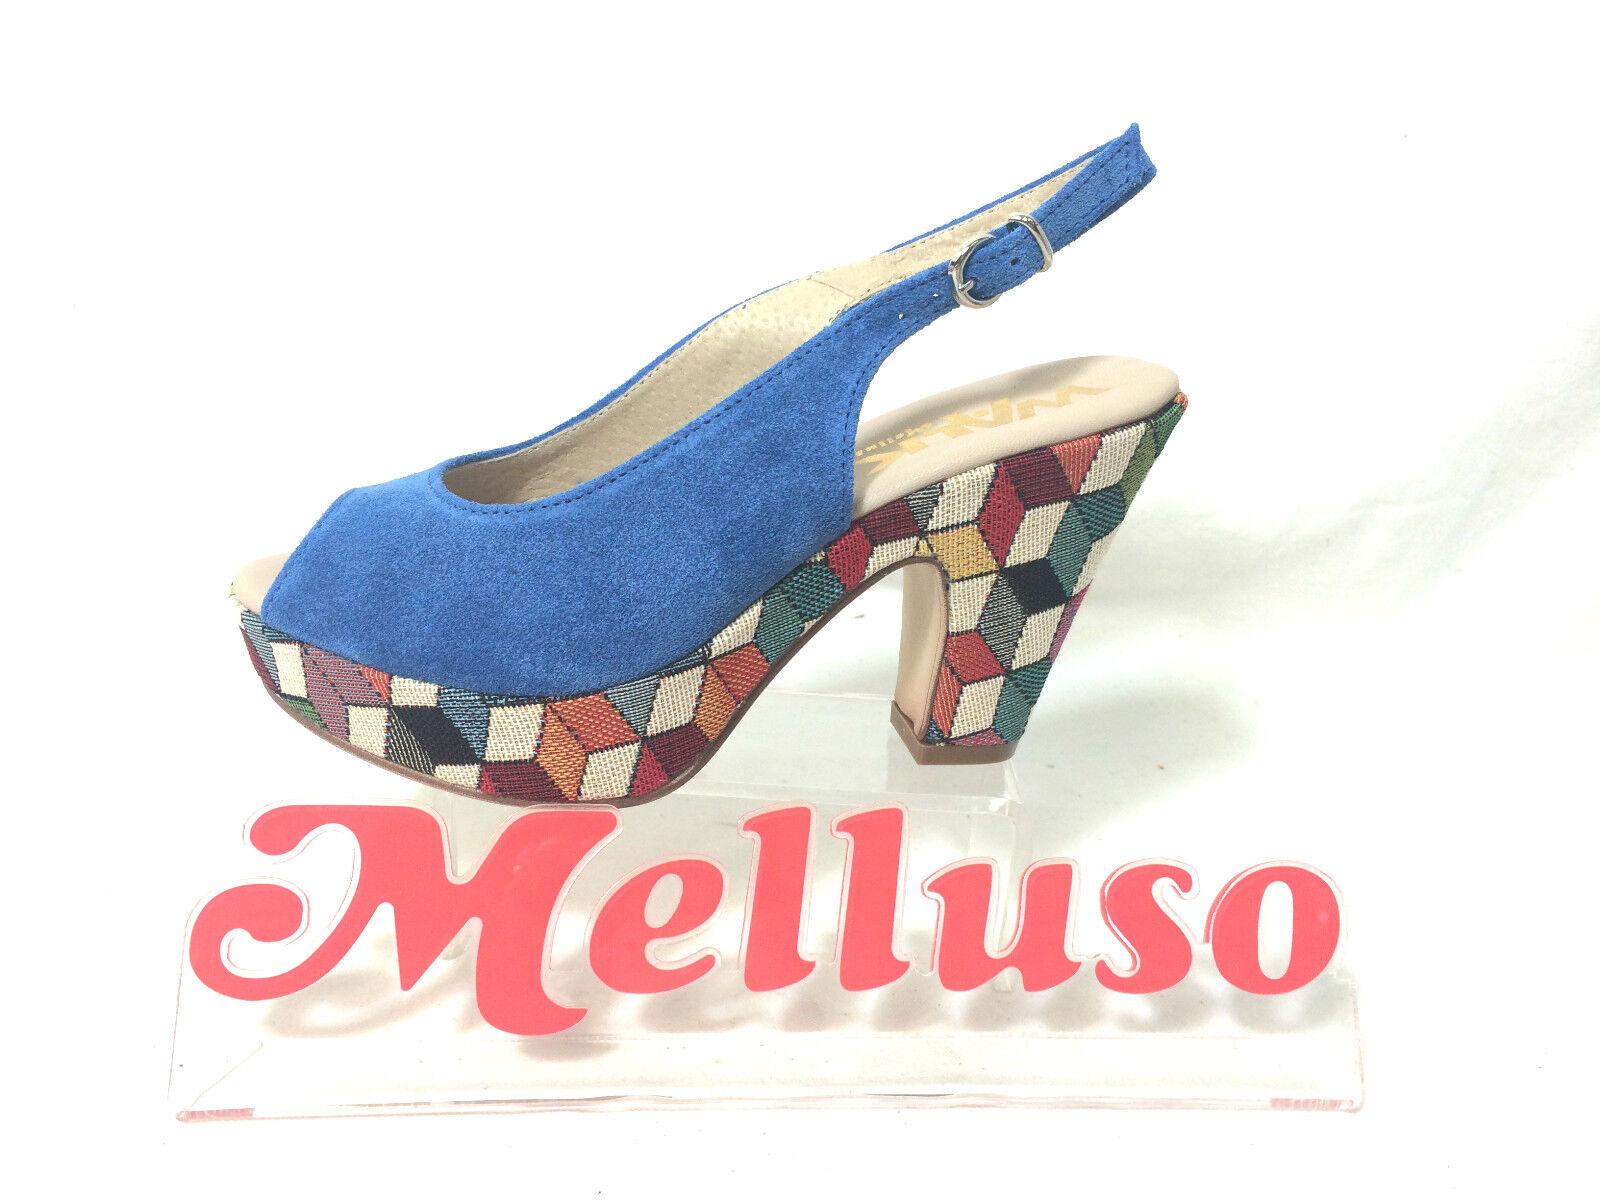 MELLUSO SANDALO SPUNTATO Damens CAMOSCIO BlauTTE TACCO H 9 CM MADE IN ITALY